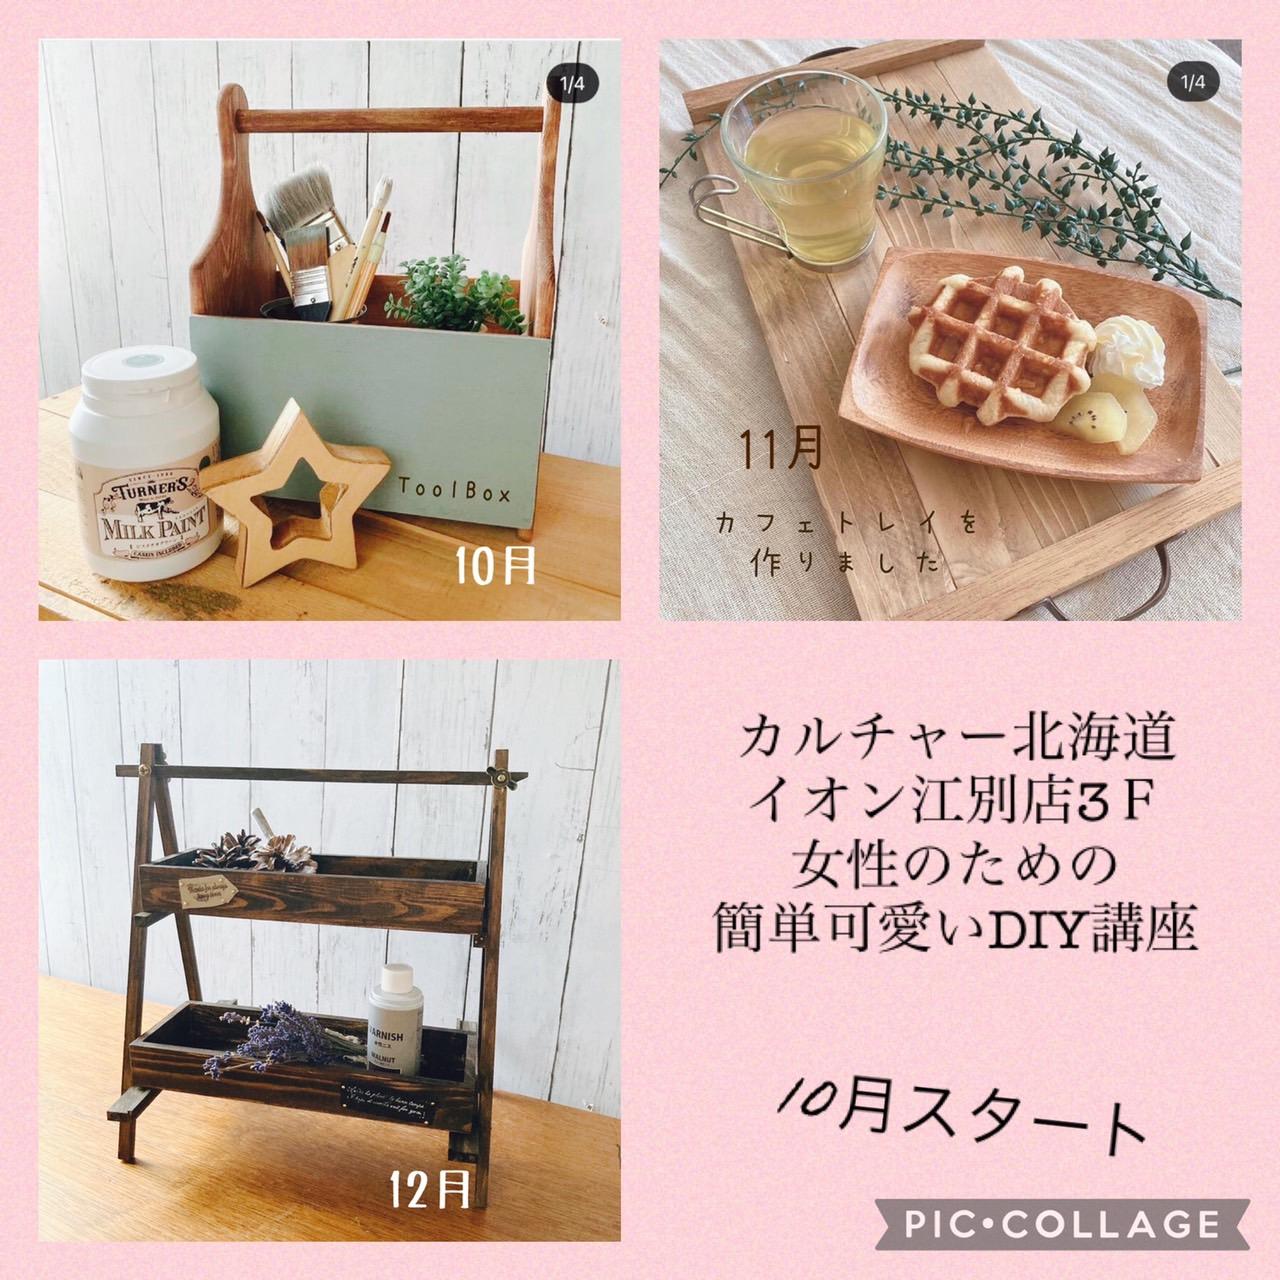 江別カルチャー北海道『女性のための簡単可愛いDIY講座』